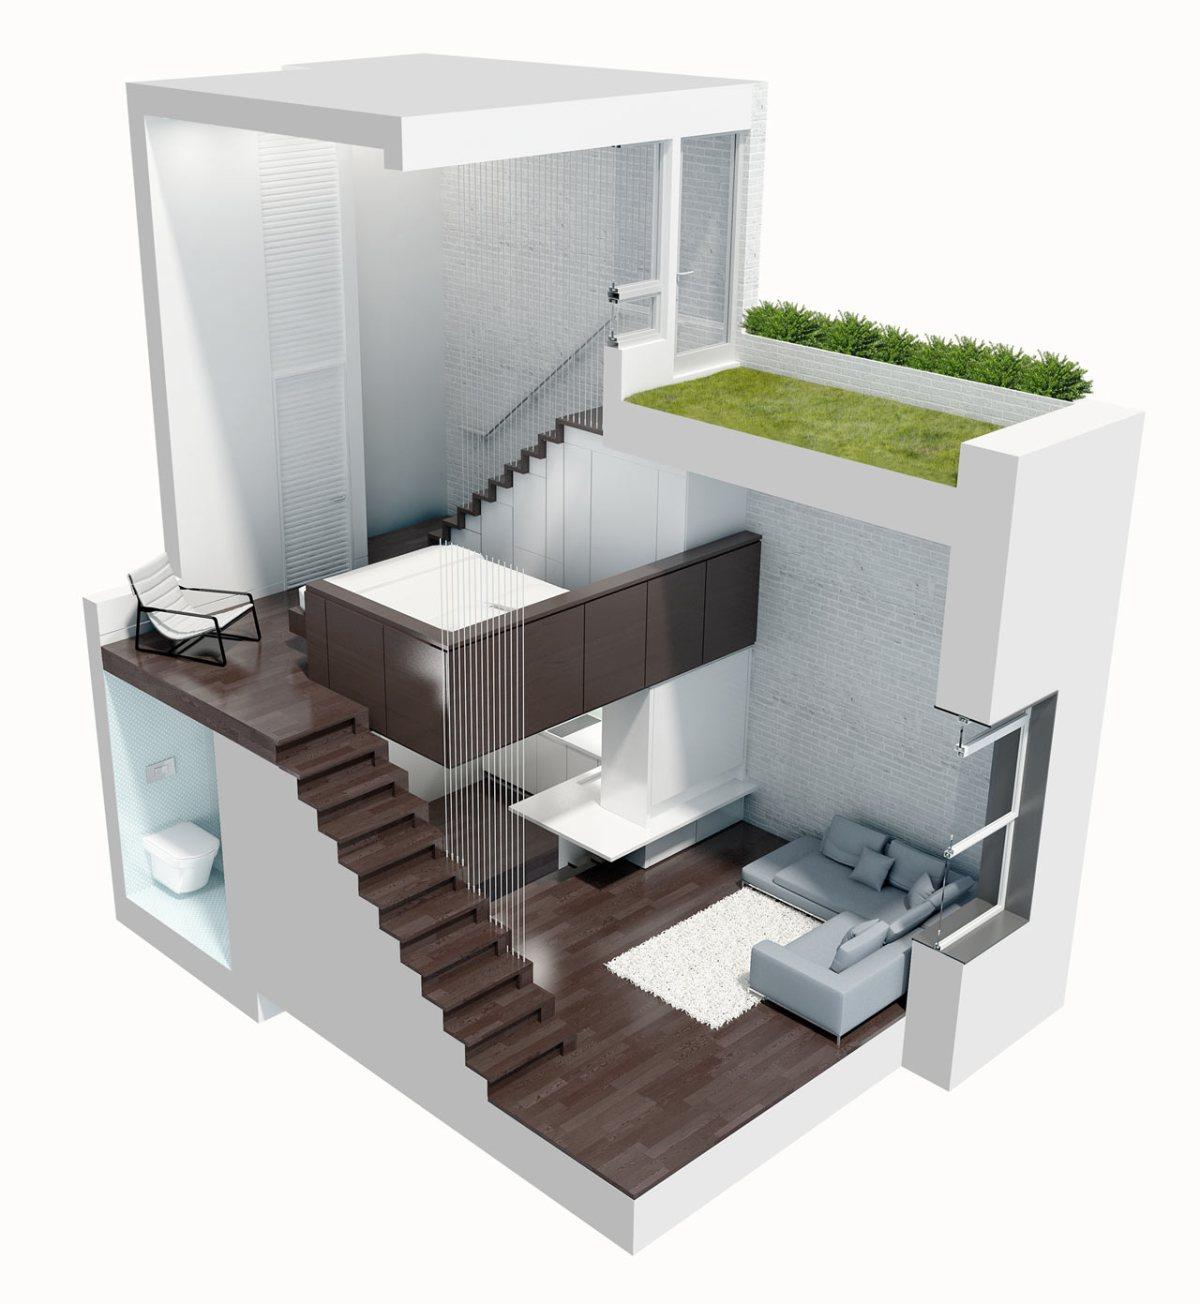 Specht-Harpman-Micro-Loft-2-render